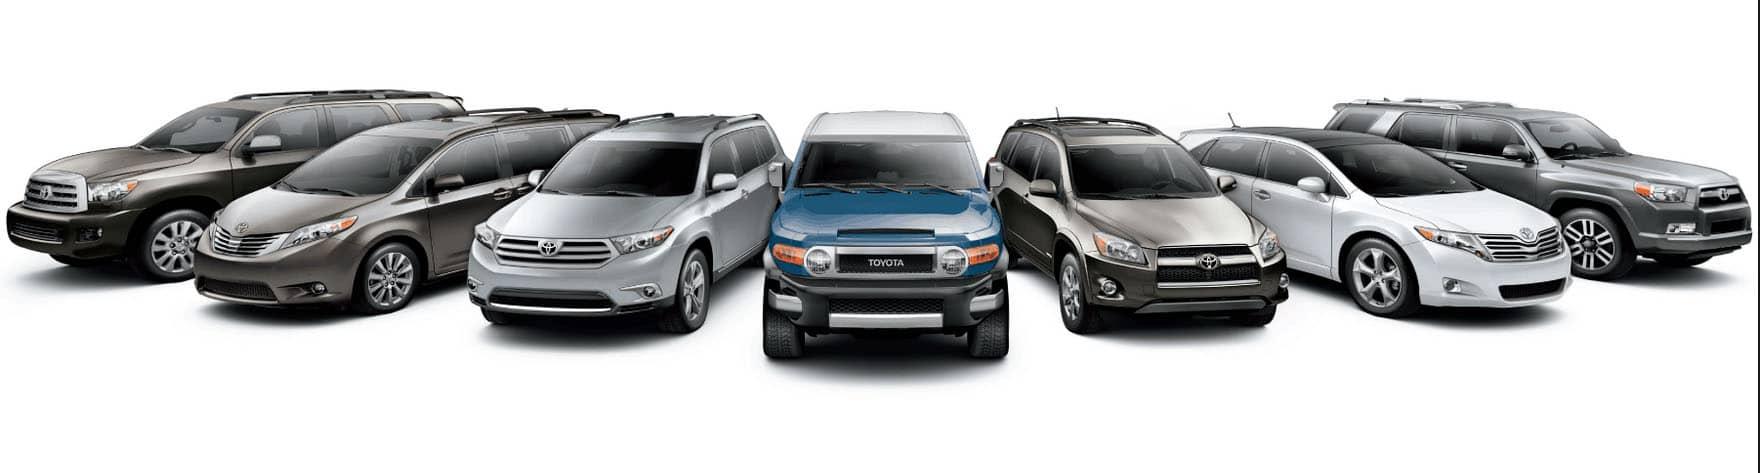 Tại sao nên chọn đại lý Toyota Đà Lạt để mua xe giá tốt?